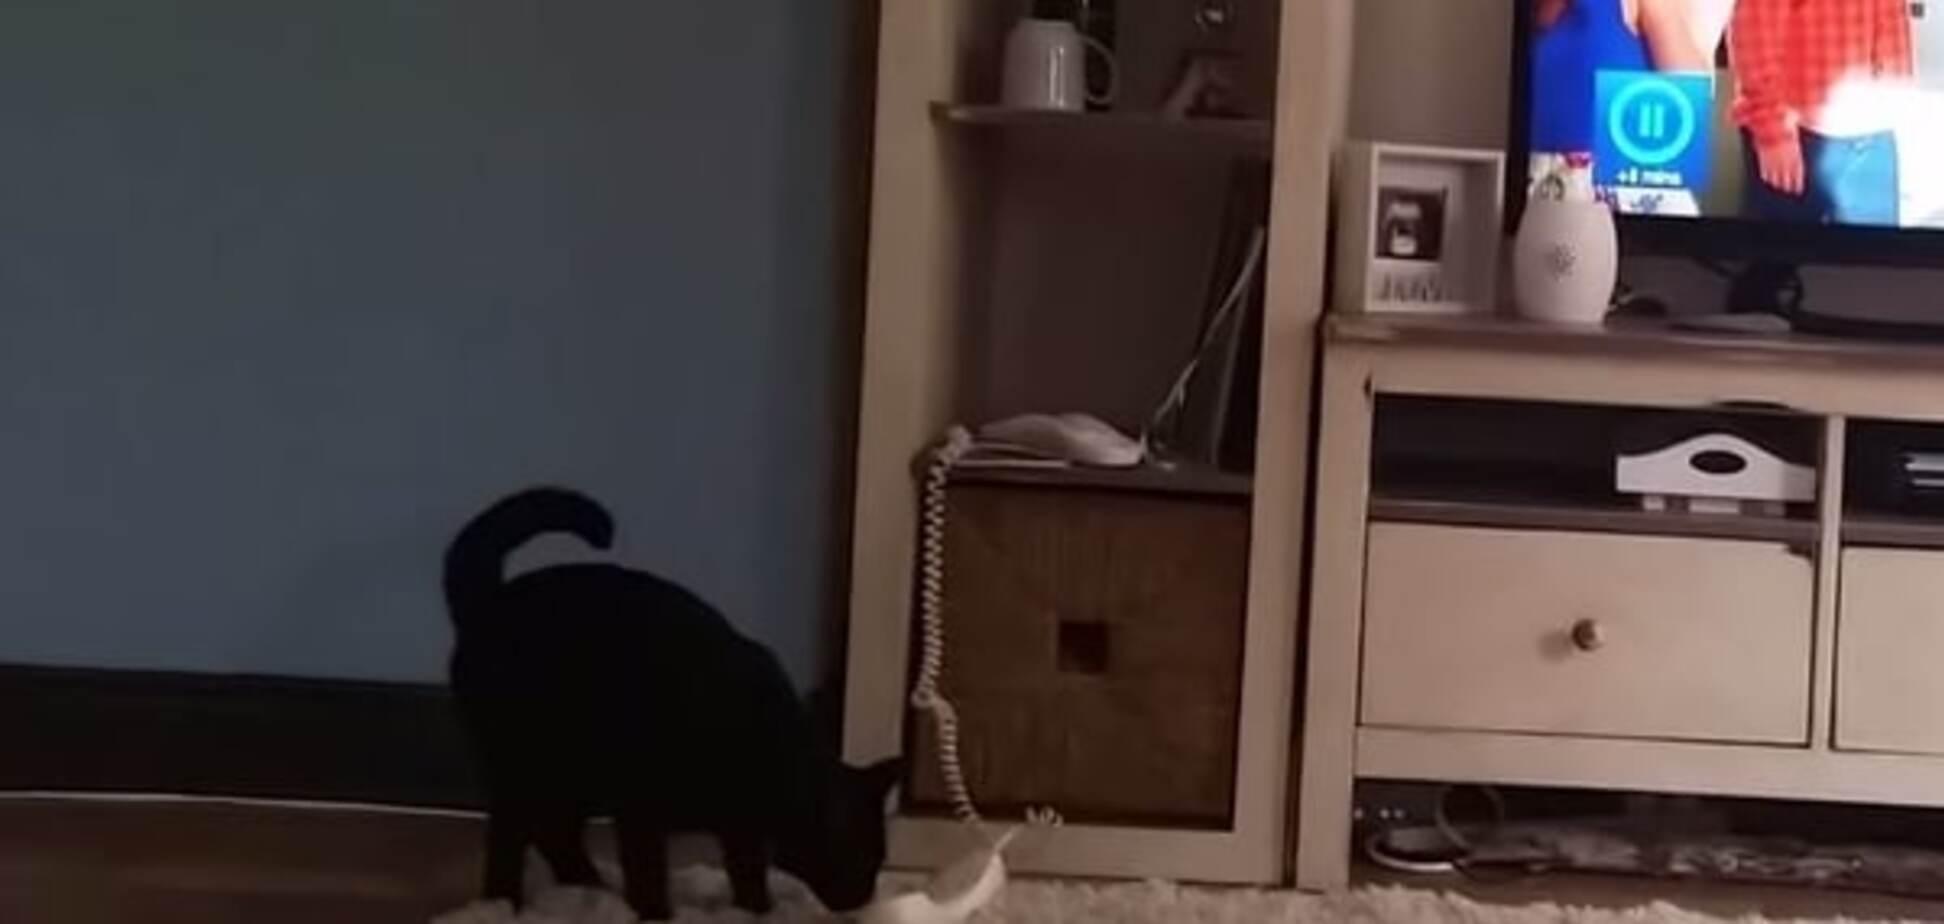 Кіт на дроті: в зірки YouTube вибивається пухнастий 'секретар' із телефоном